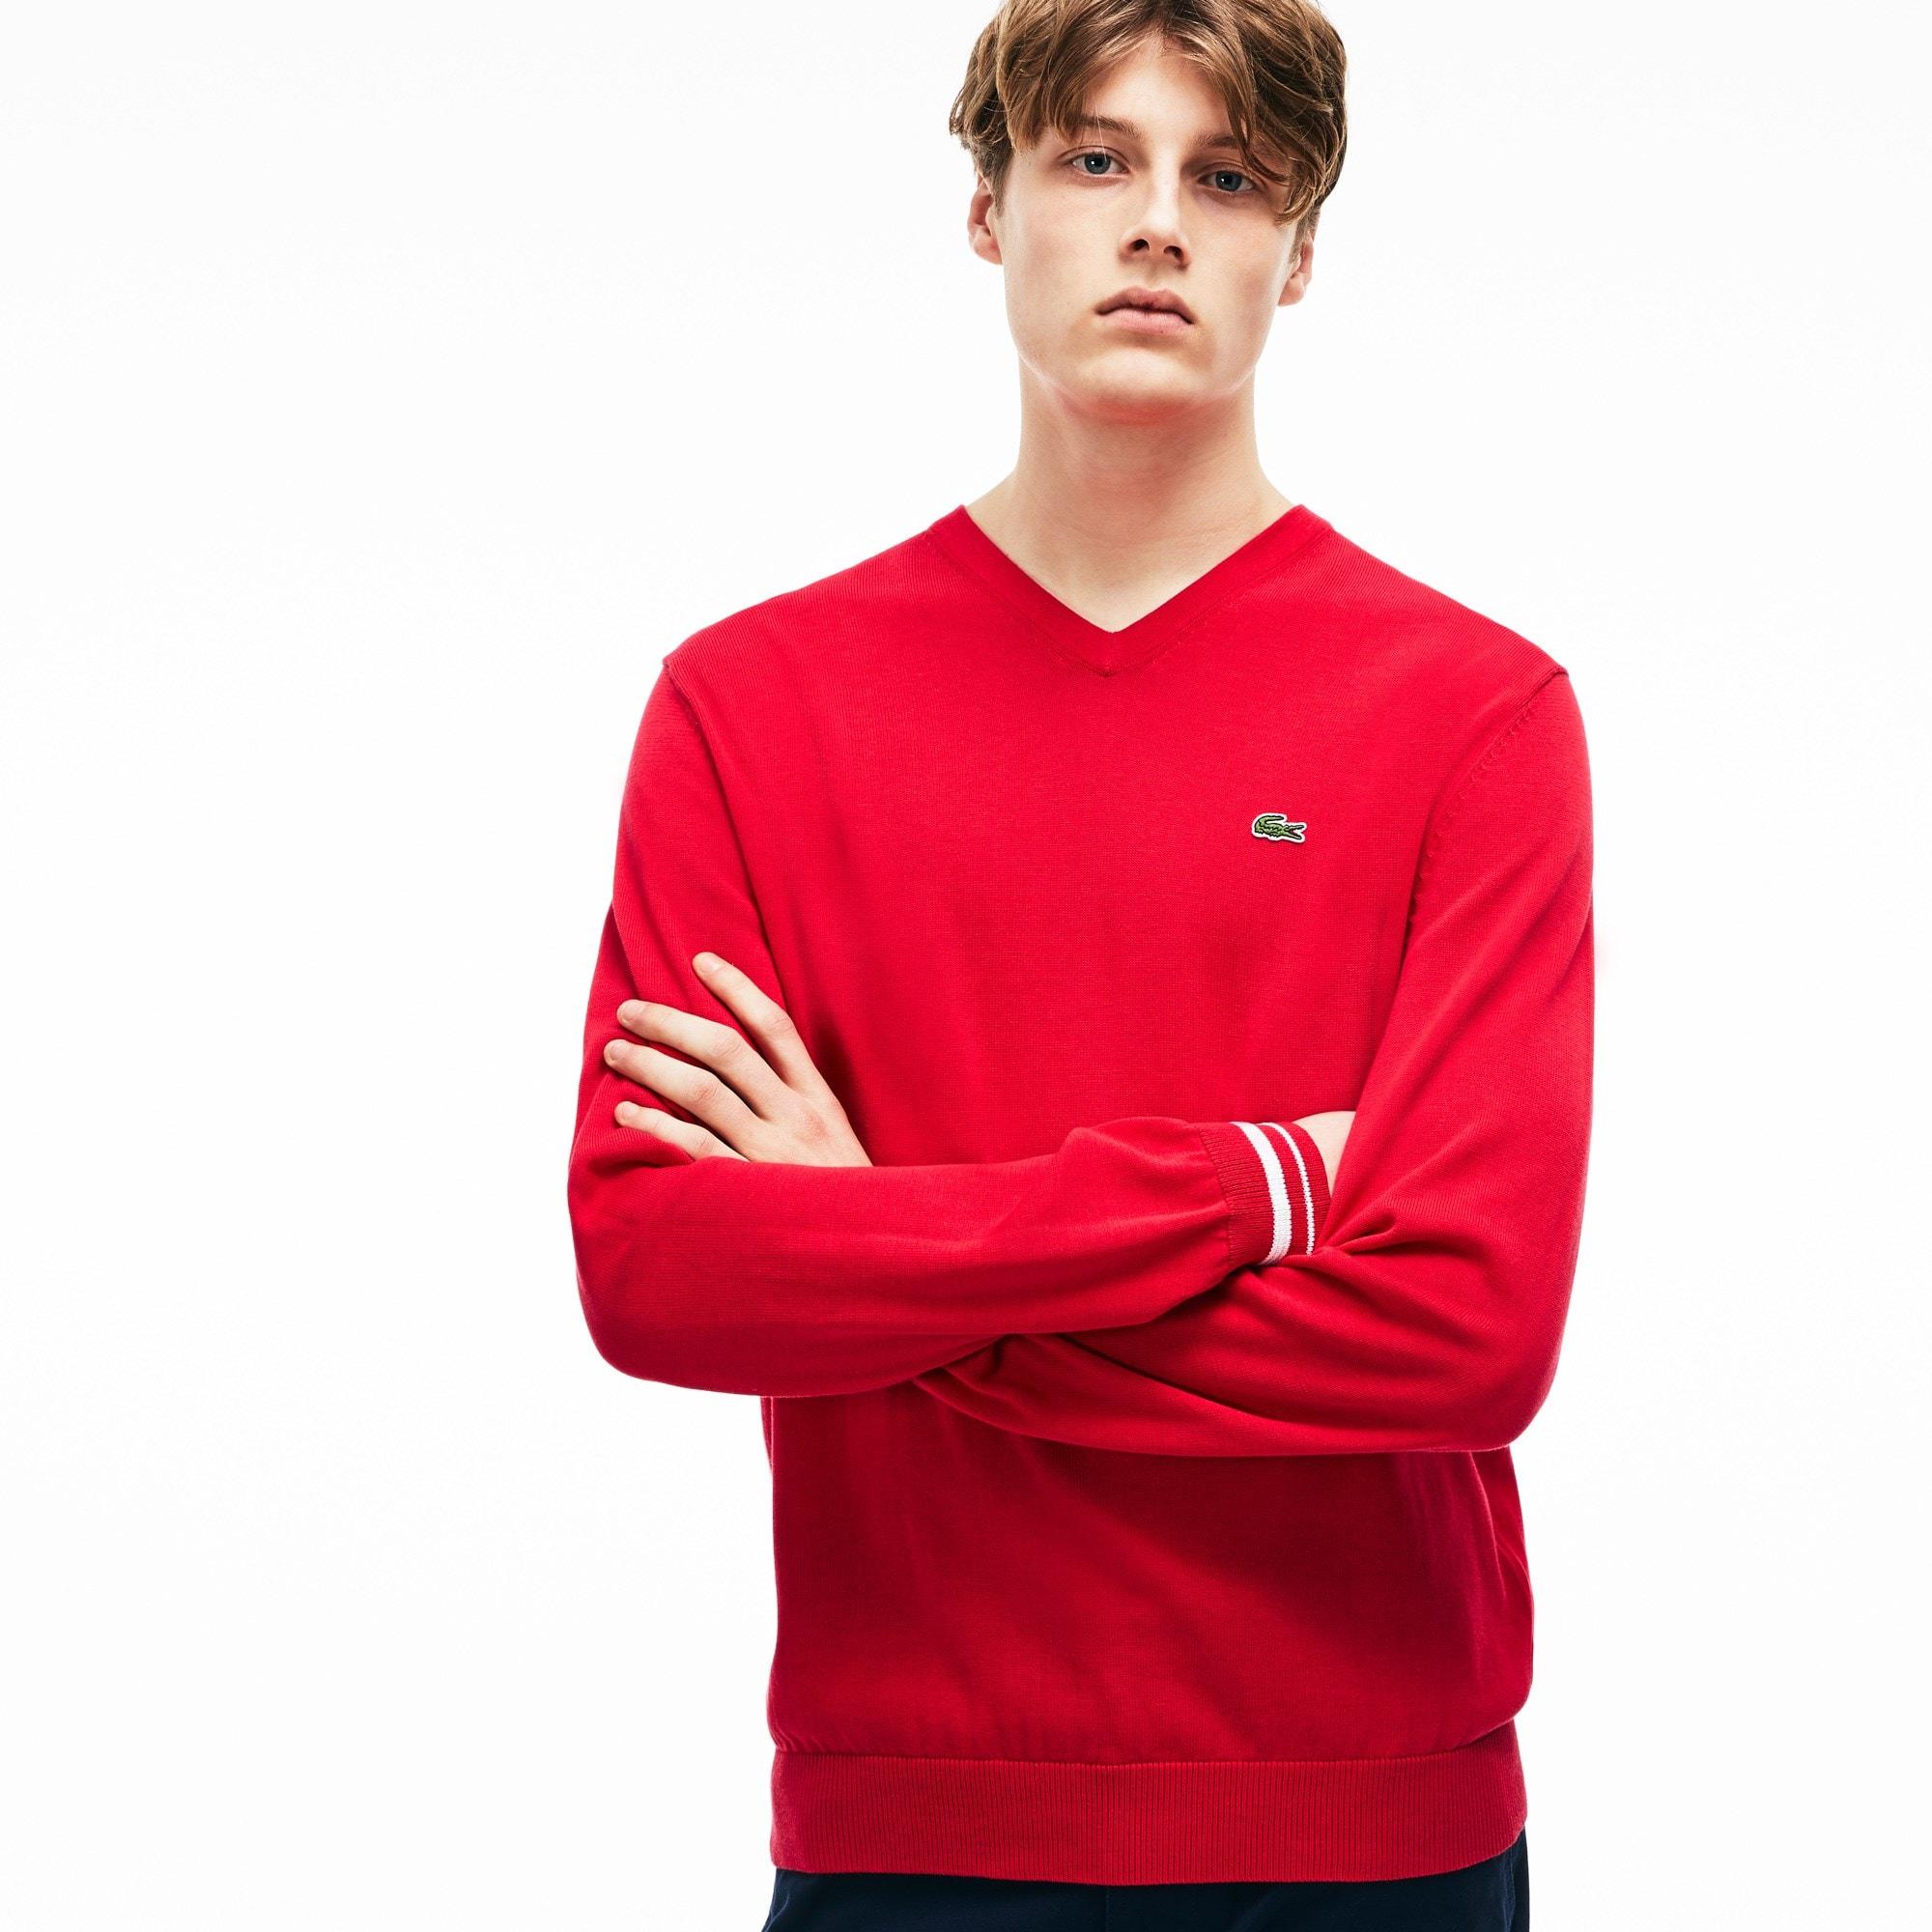 Herren-Pullover aus Baumwolljersey mit V-Ausschnitt und Akzenten